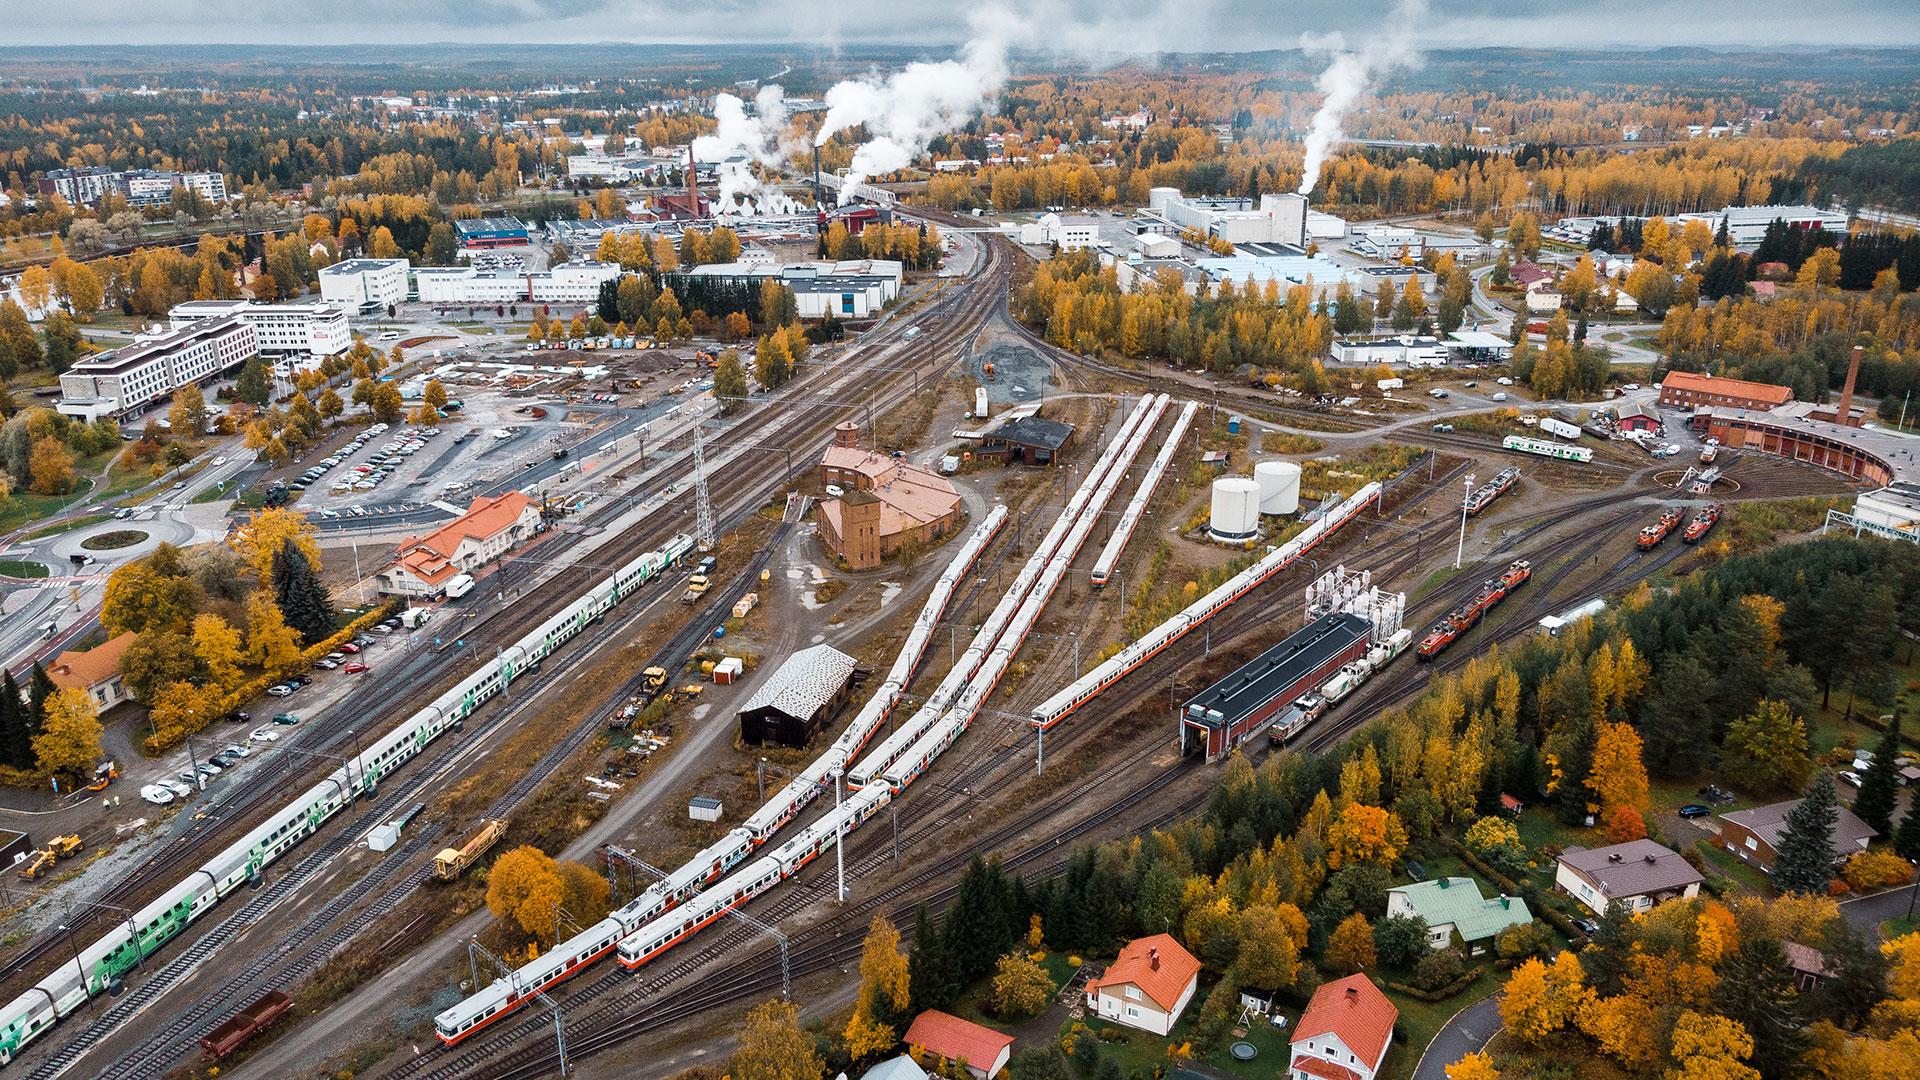 Joensuun juna-asema ja ratapiha uudistuvat nykyaikaista raideliikennettä varten